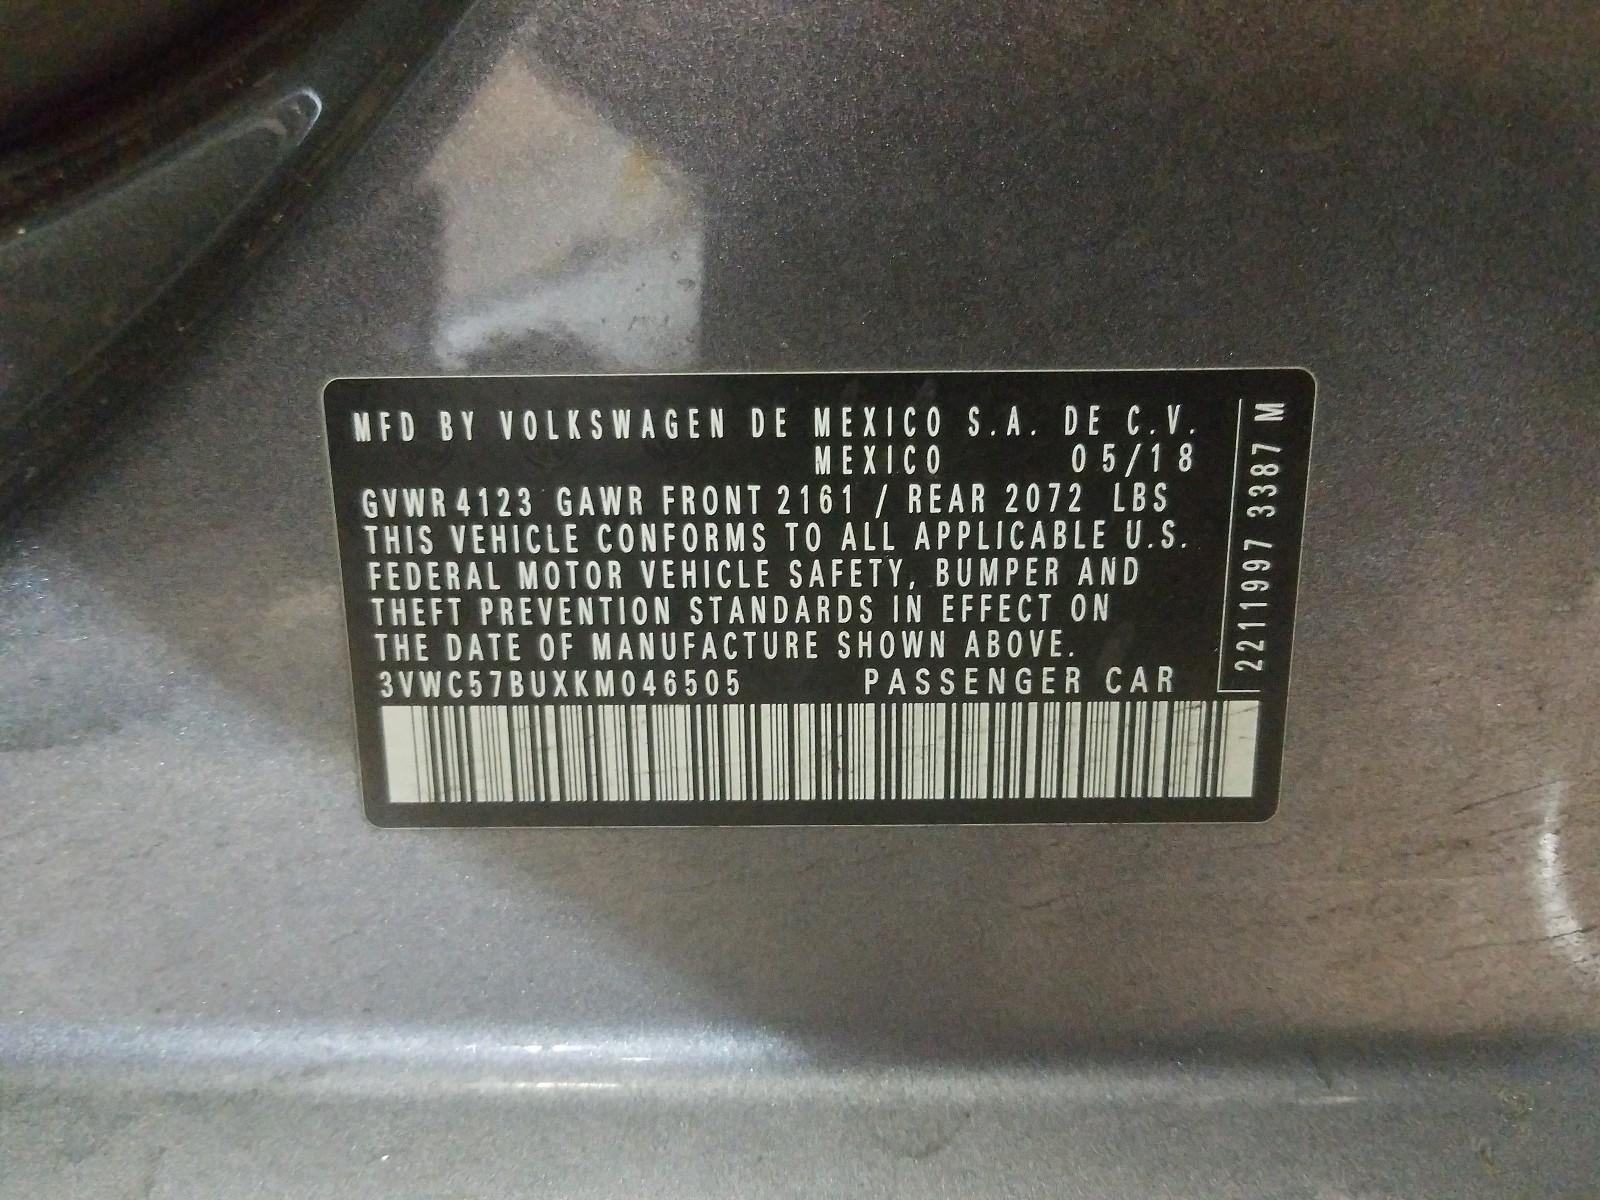 3VWC57BUXKM046505 - 2019 Volkswagen Jetta S 1.4L